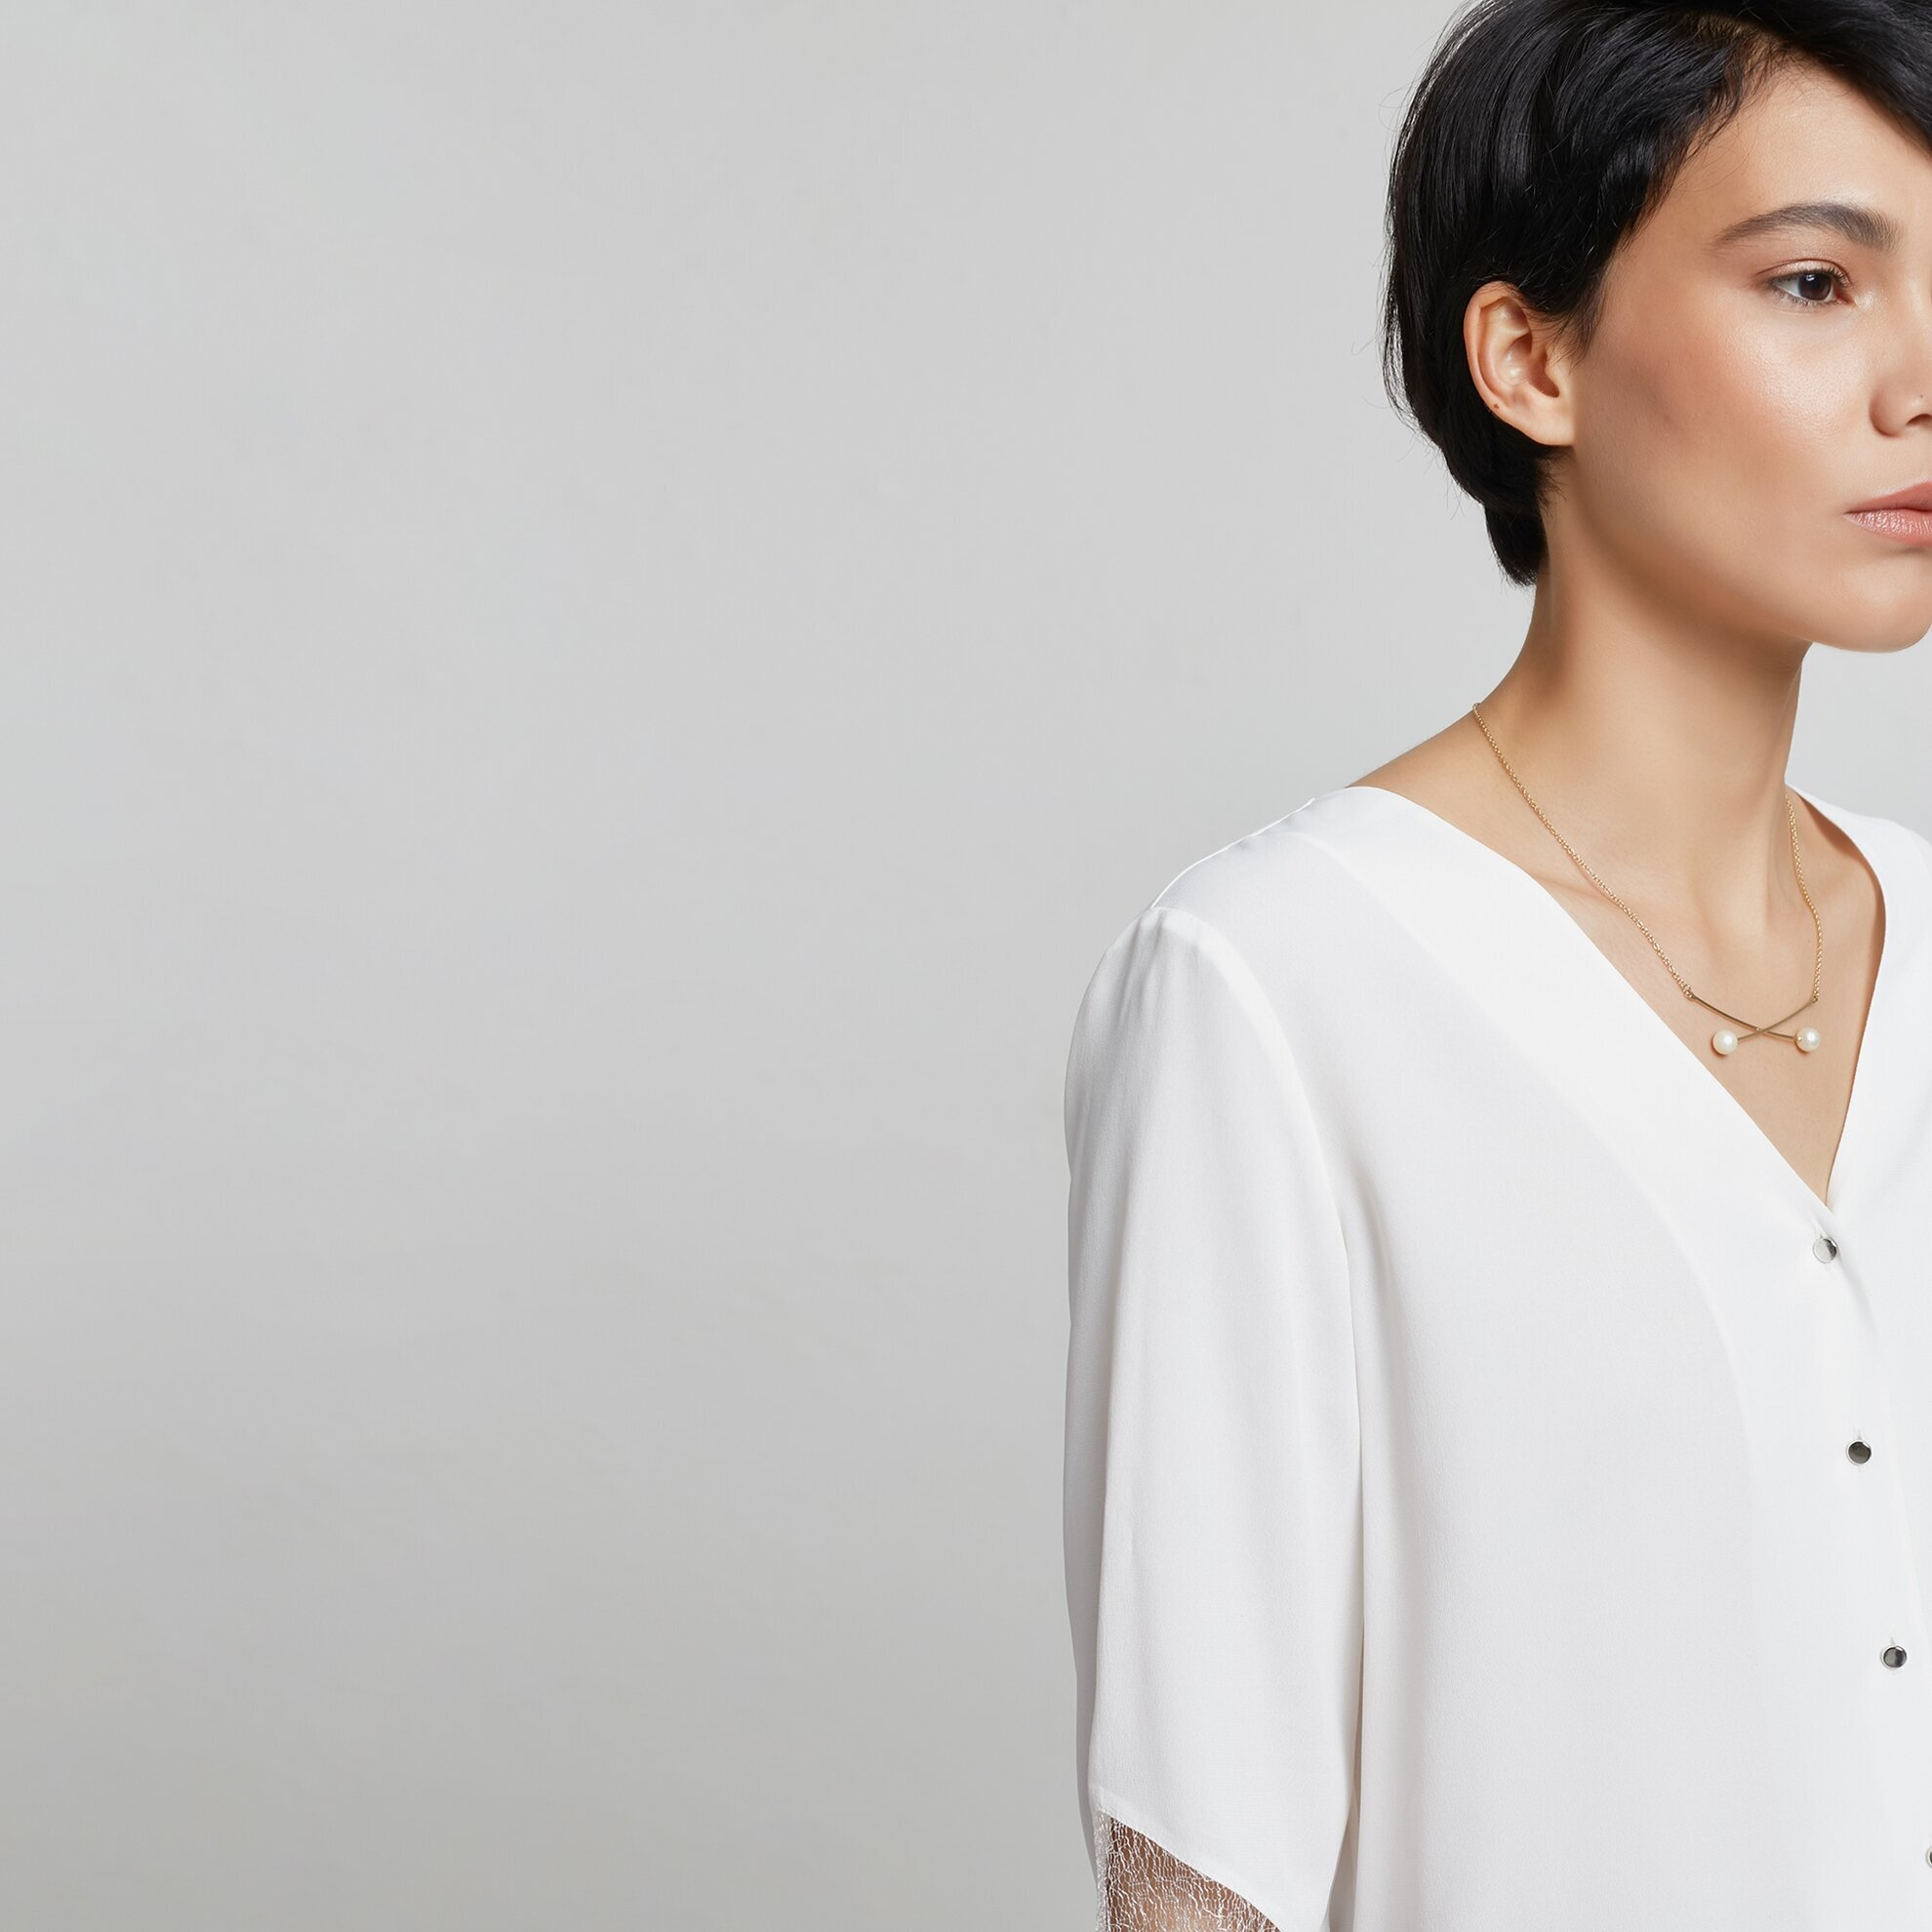 Dantel Detaylı Gömlek